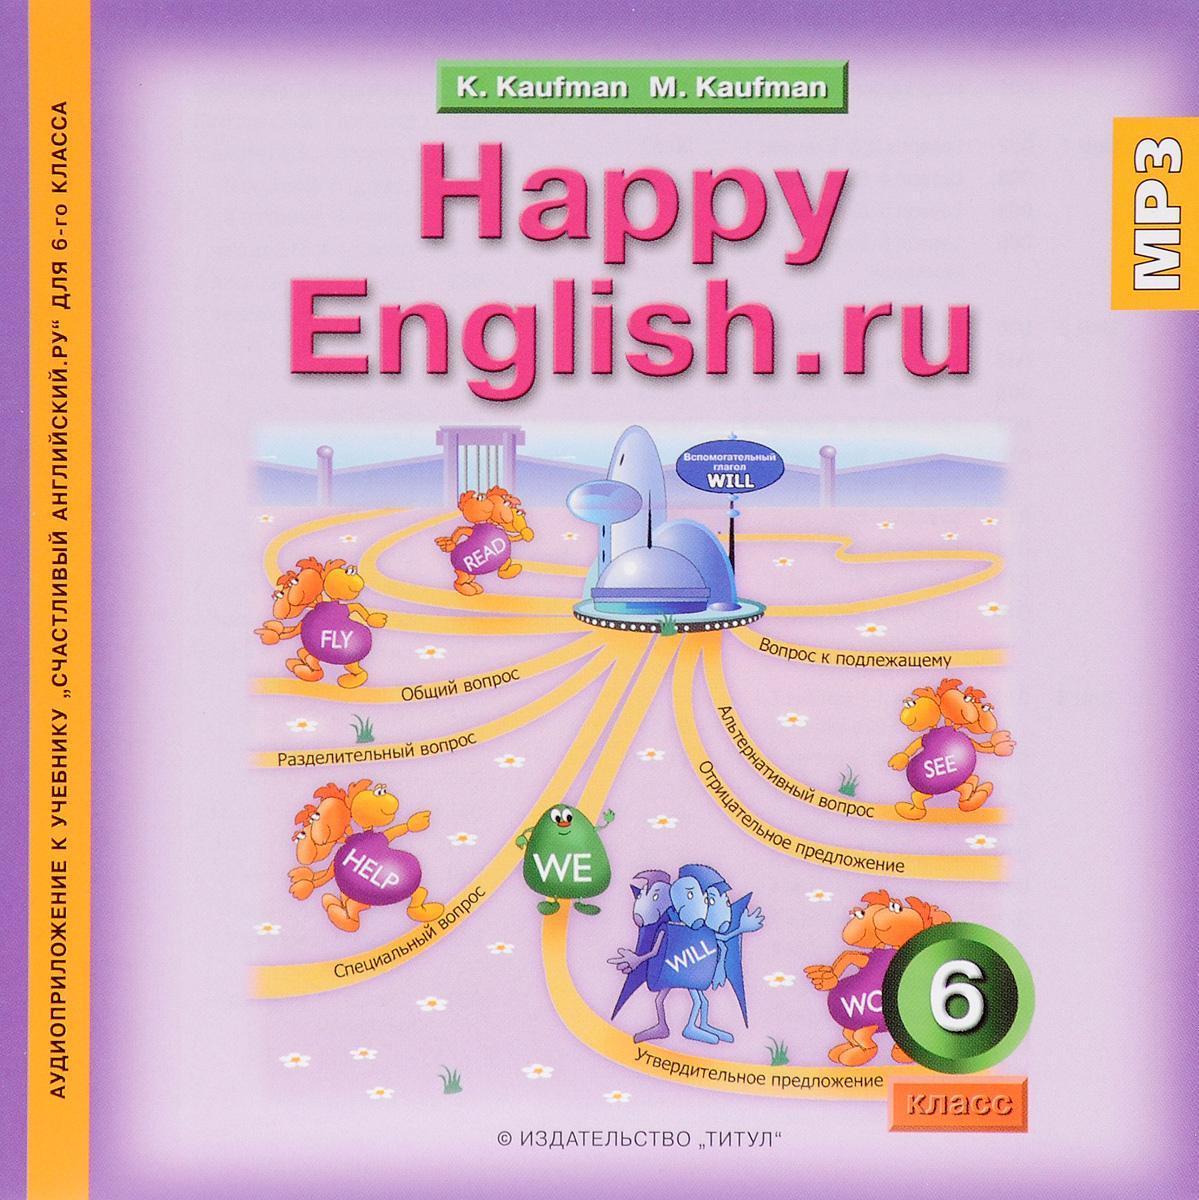 Happy English.ru 6 / Счастливый английский.ру. Английский язык. 6 класс. Электронное учебное пособие